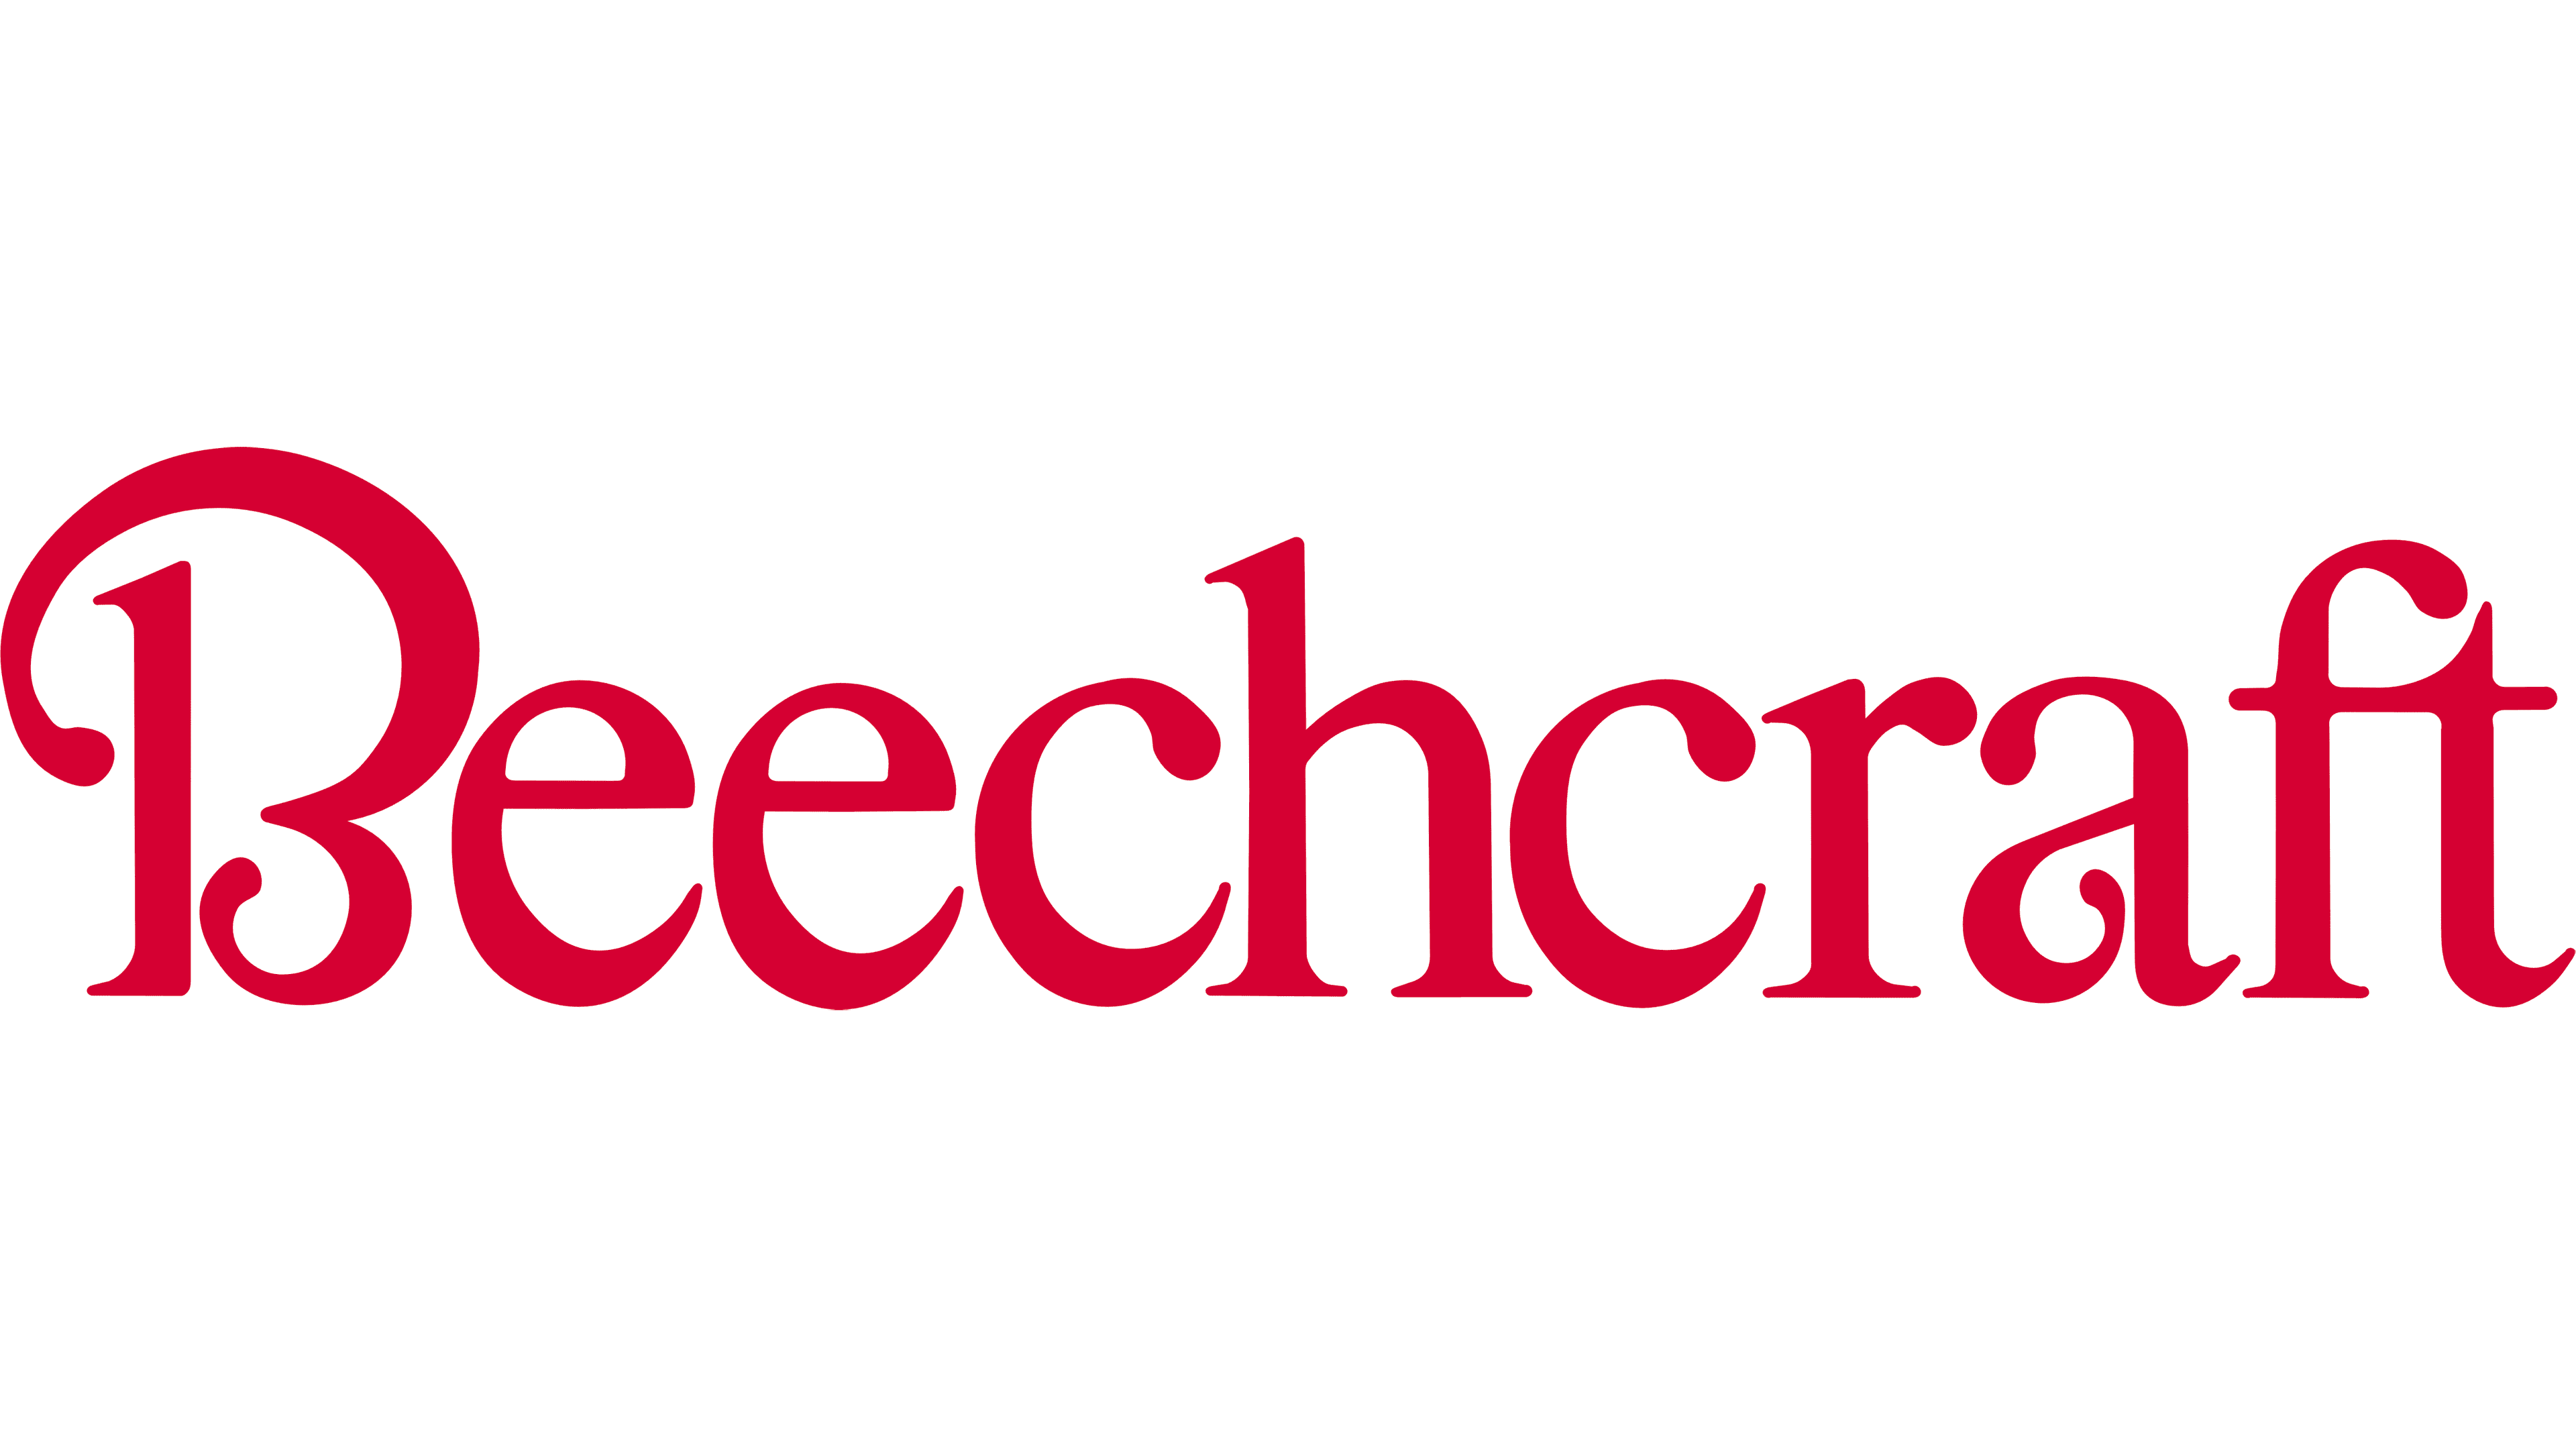 Beechcraft Logo Logo